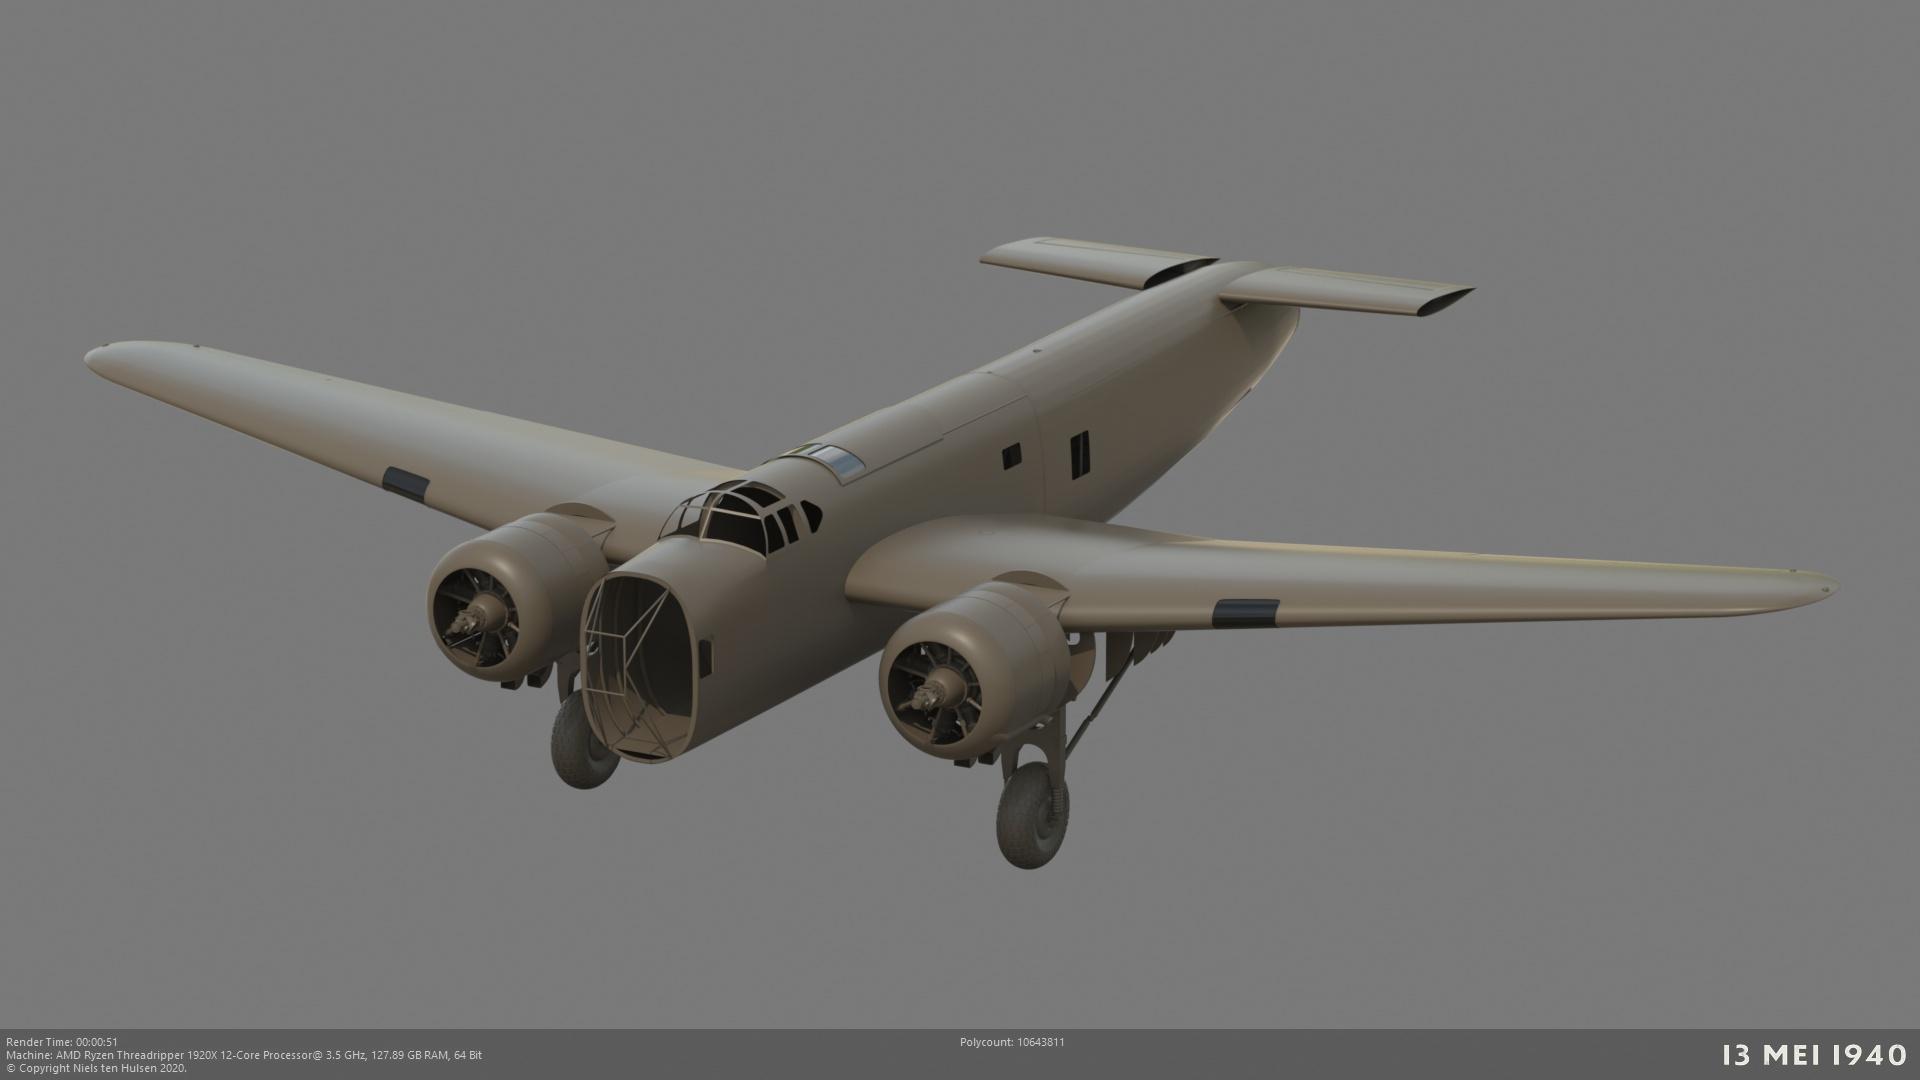 Naam: 001_FokkerT5_motor14.jpg Bekeken: 55 Grootte: 180,9 KB